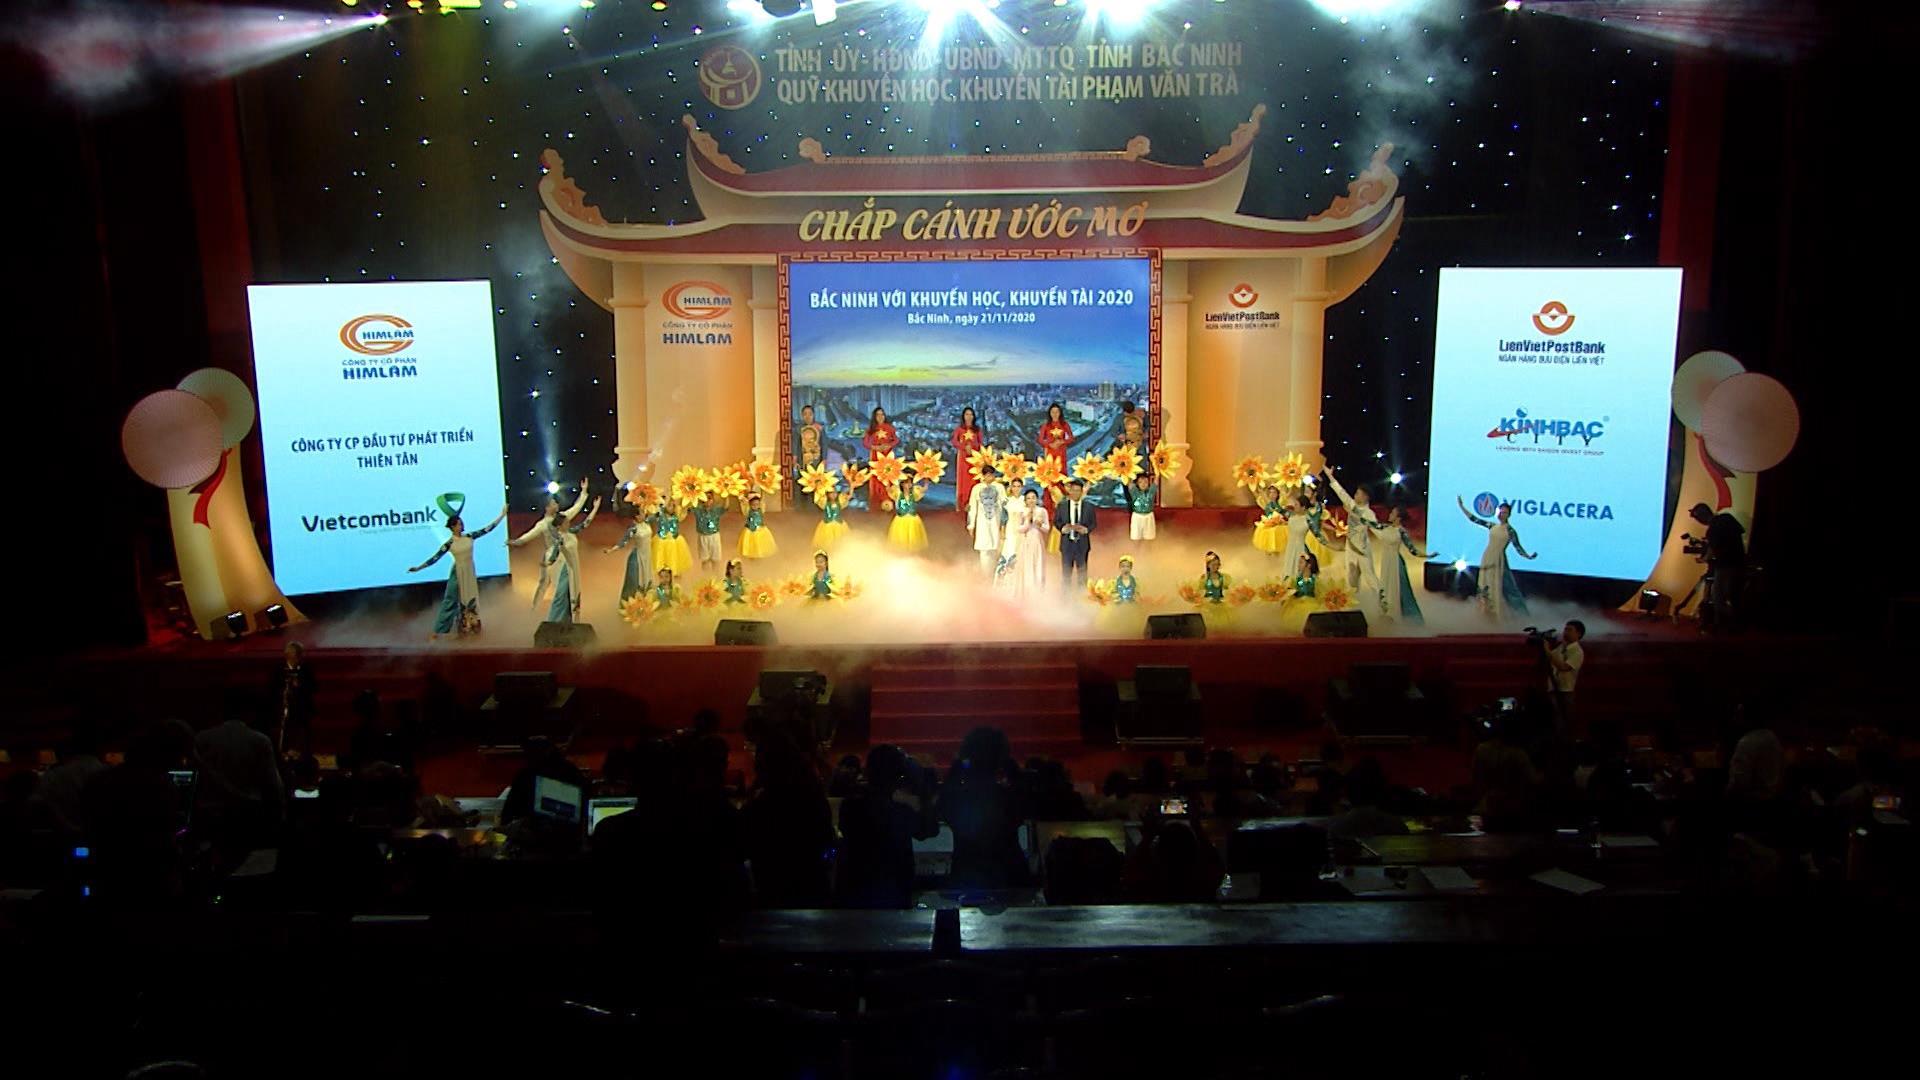 Chắp cánh ước mơ - Bắc Ninh với khuyến học khuyến tài phần 4